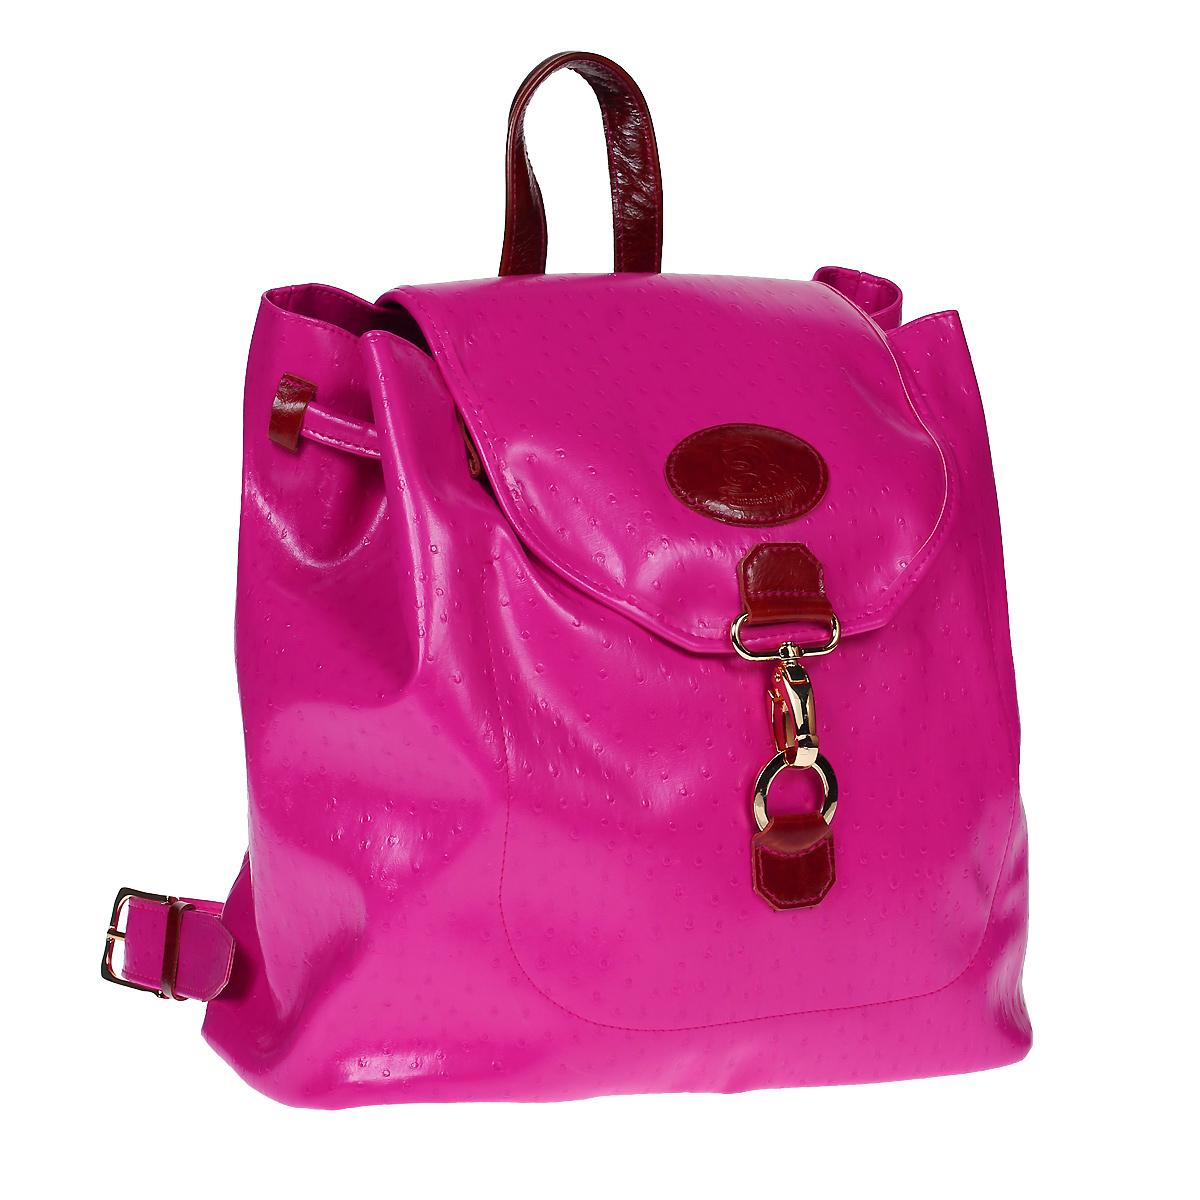 Рюкзак Dimanche, цвет: фуксия. 466/3466/3Стильный молодежный рюкзак Dimanche выполнен из искусственной кожи цвета фуксии с декоративным тиснением под страуса. Рюкзак имеет одно основное отделение, которое затягивается шнурком и дополнительно клапаном на замок-карабин. Внутри - открытый карман для мелочей или телефона. На задней стороне рюкзака расположен дополнительный вертикальный карман на застежке-молнии. Рюкзак оснащен двумя лямки регулируемой длины и удобной ручкой для переноски. Фурнитура - золотистого цвета. Стильный рюкзак Dimanche станет финальным штрихом в создании вашего неповторимого образа. Характеристики: Материал: искусственная кожа, текстиль, металл. Цвет: фуксия. Размер рюкзака: 31 см х 30 см х 16 см. Высота ручки: 7 см. Длина лямок (регулируется): 73 см.